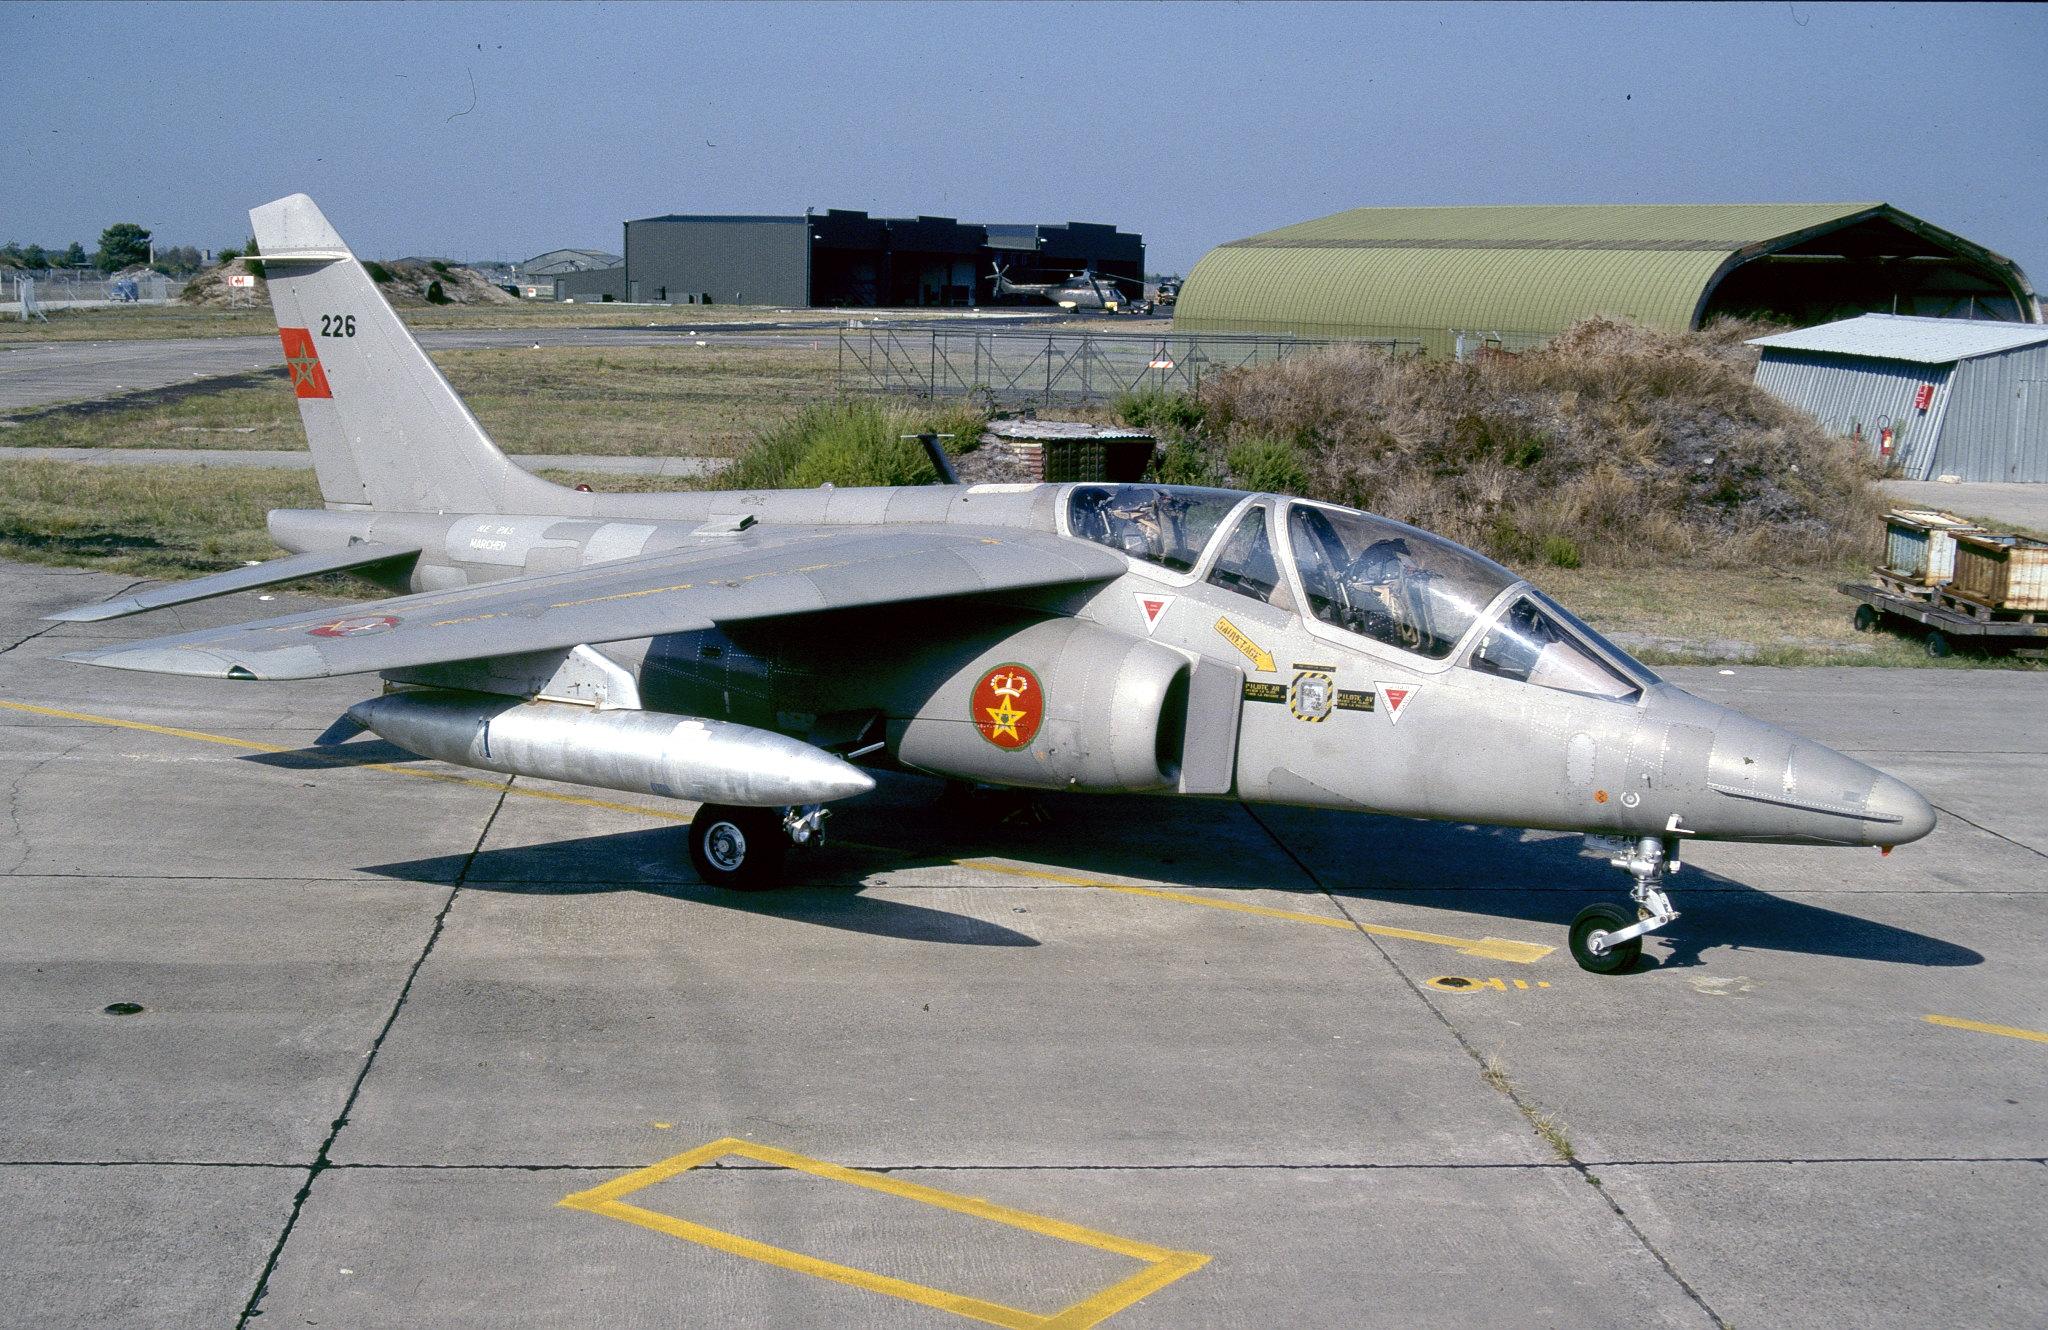 FRA: Photos avions d'entrainement et anti insurrection - Page 9 48921136063_77d4d99332_k